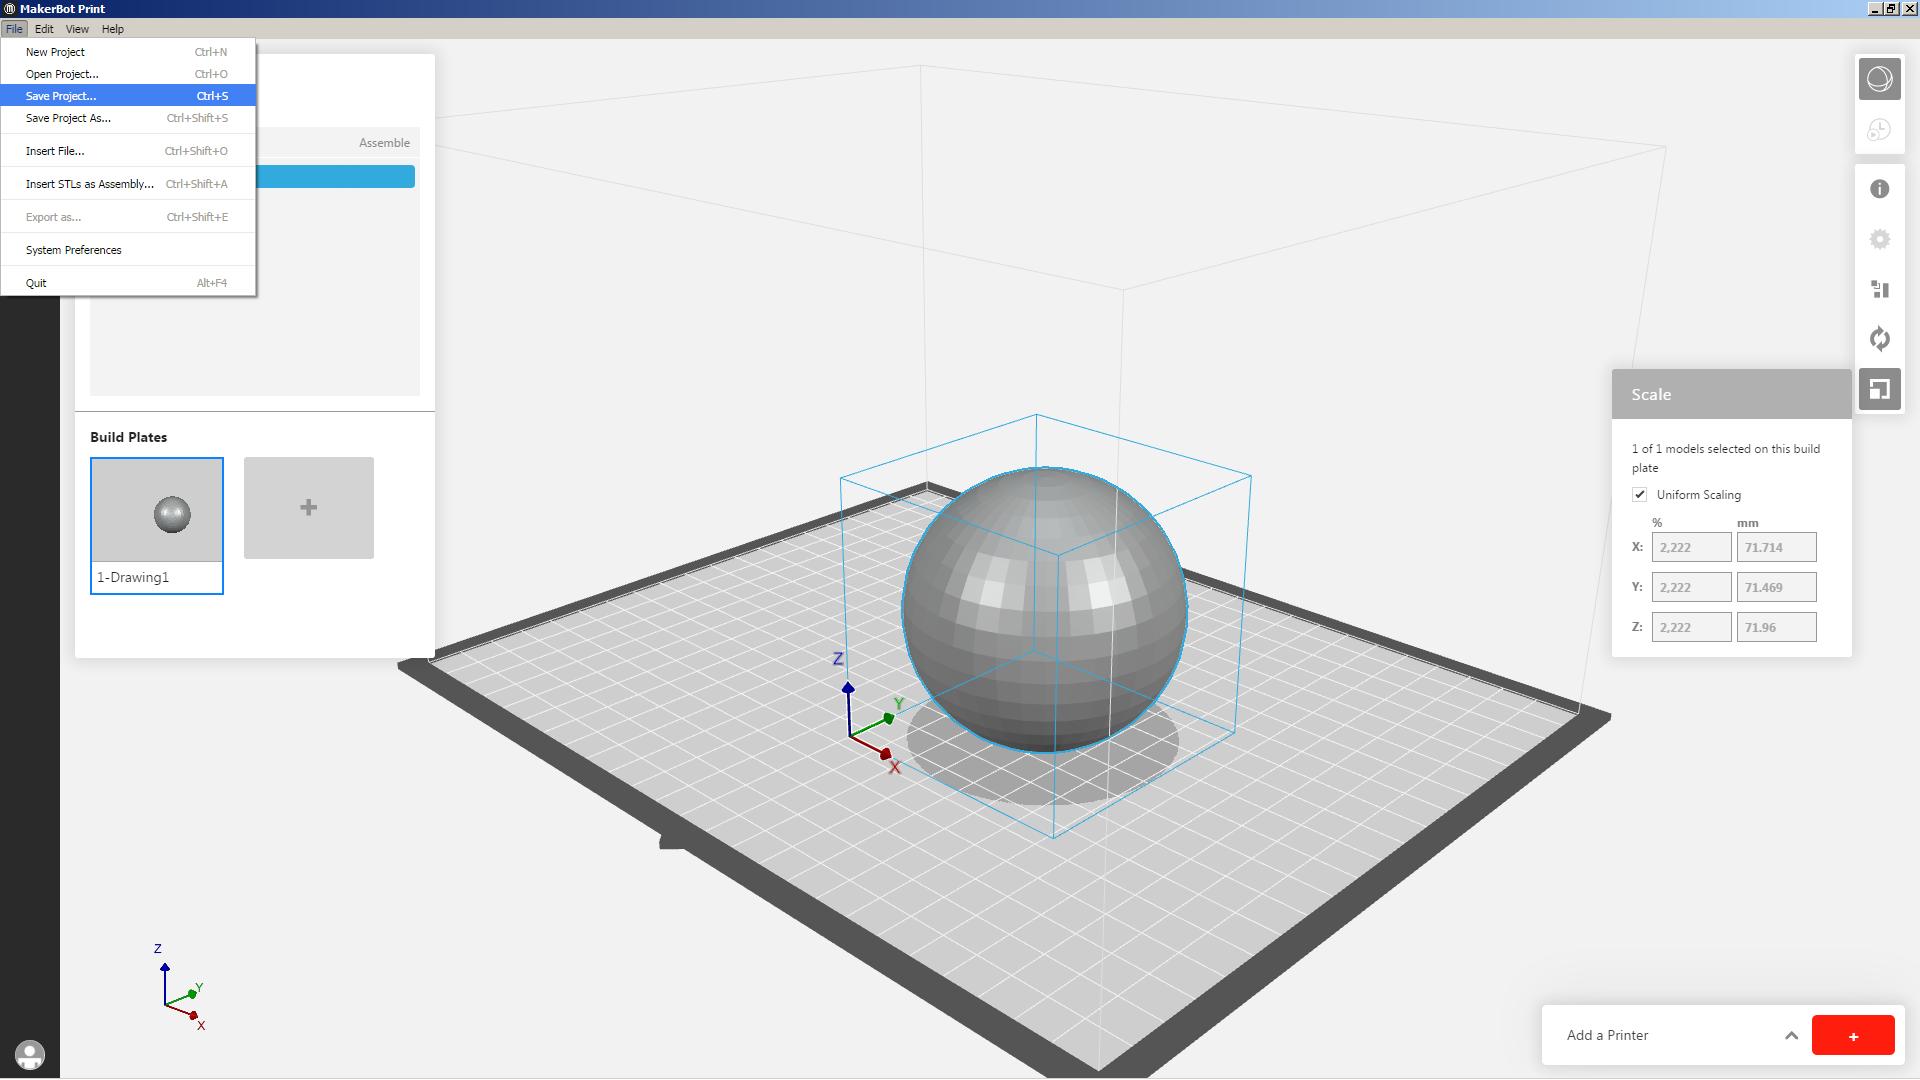 3d printing design file